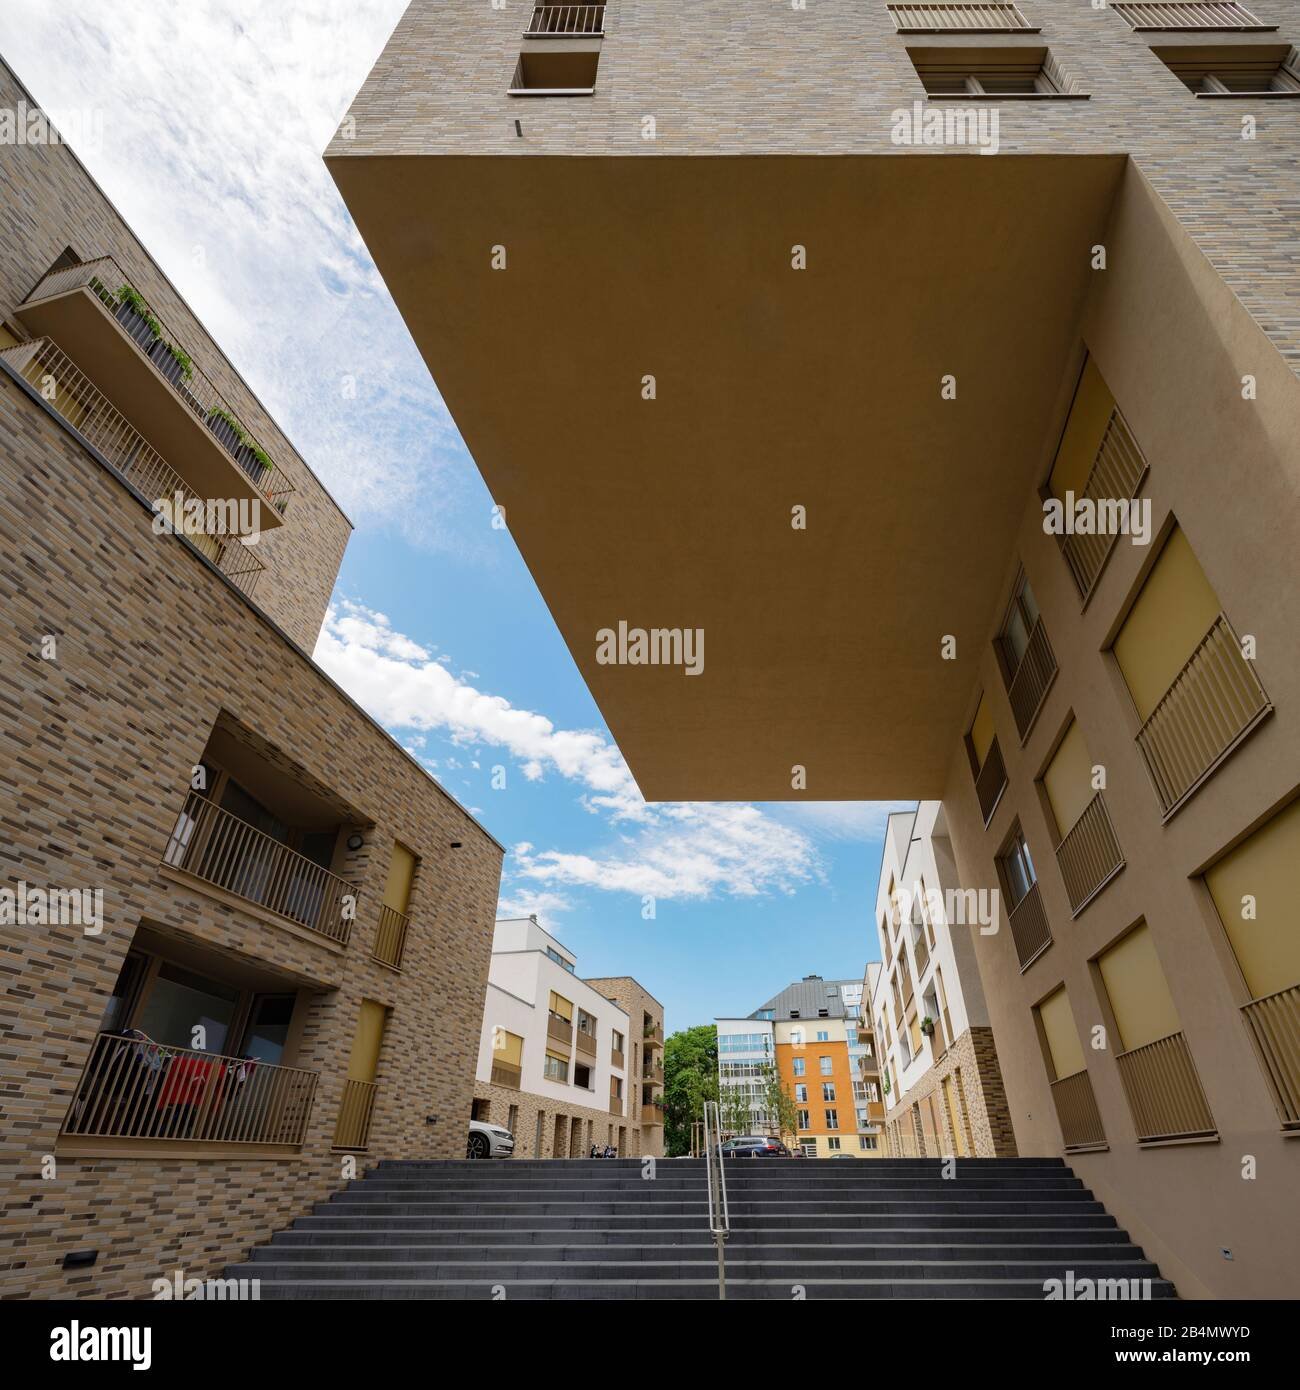 Allemagne, Saxe, Leipzig, quartier résidentiel moderne, gentarification, quartier de Plagwitz Banque D'Images